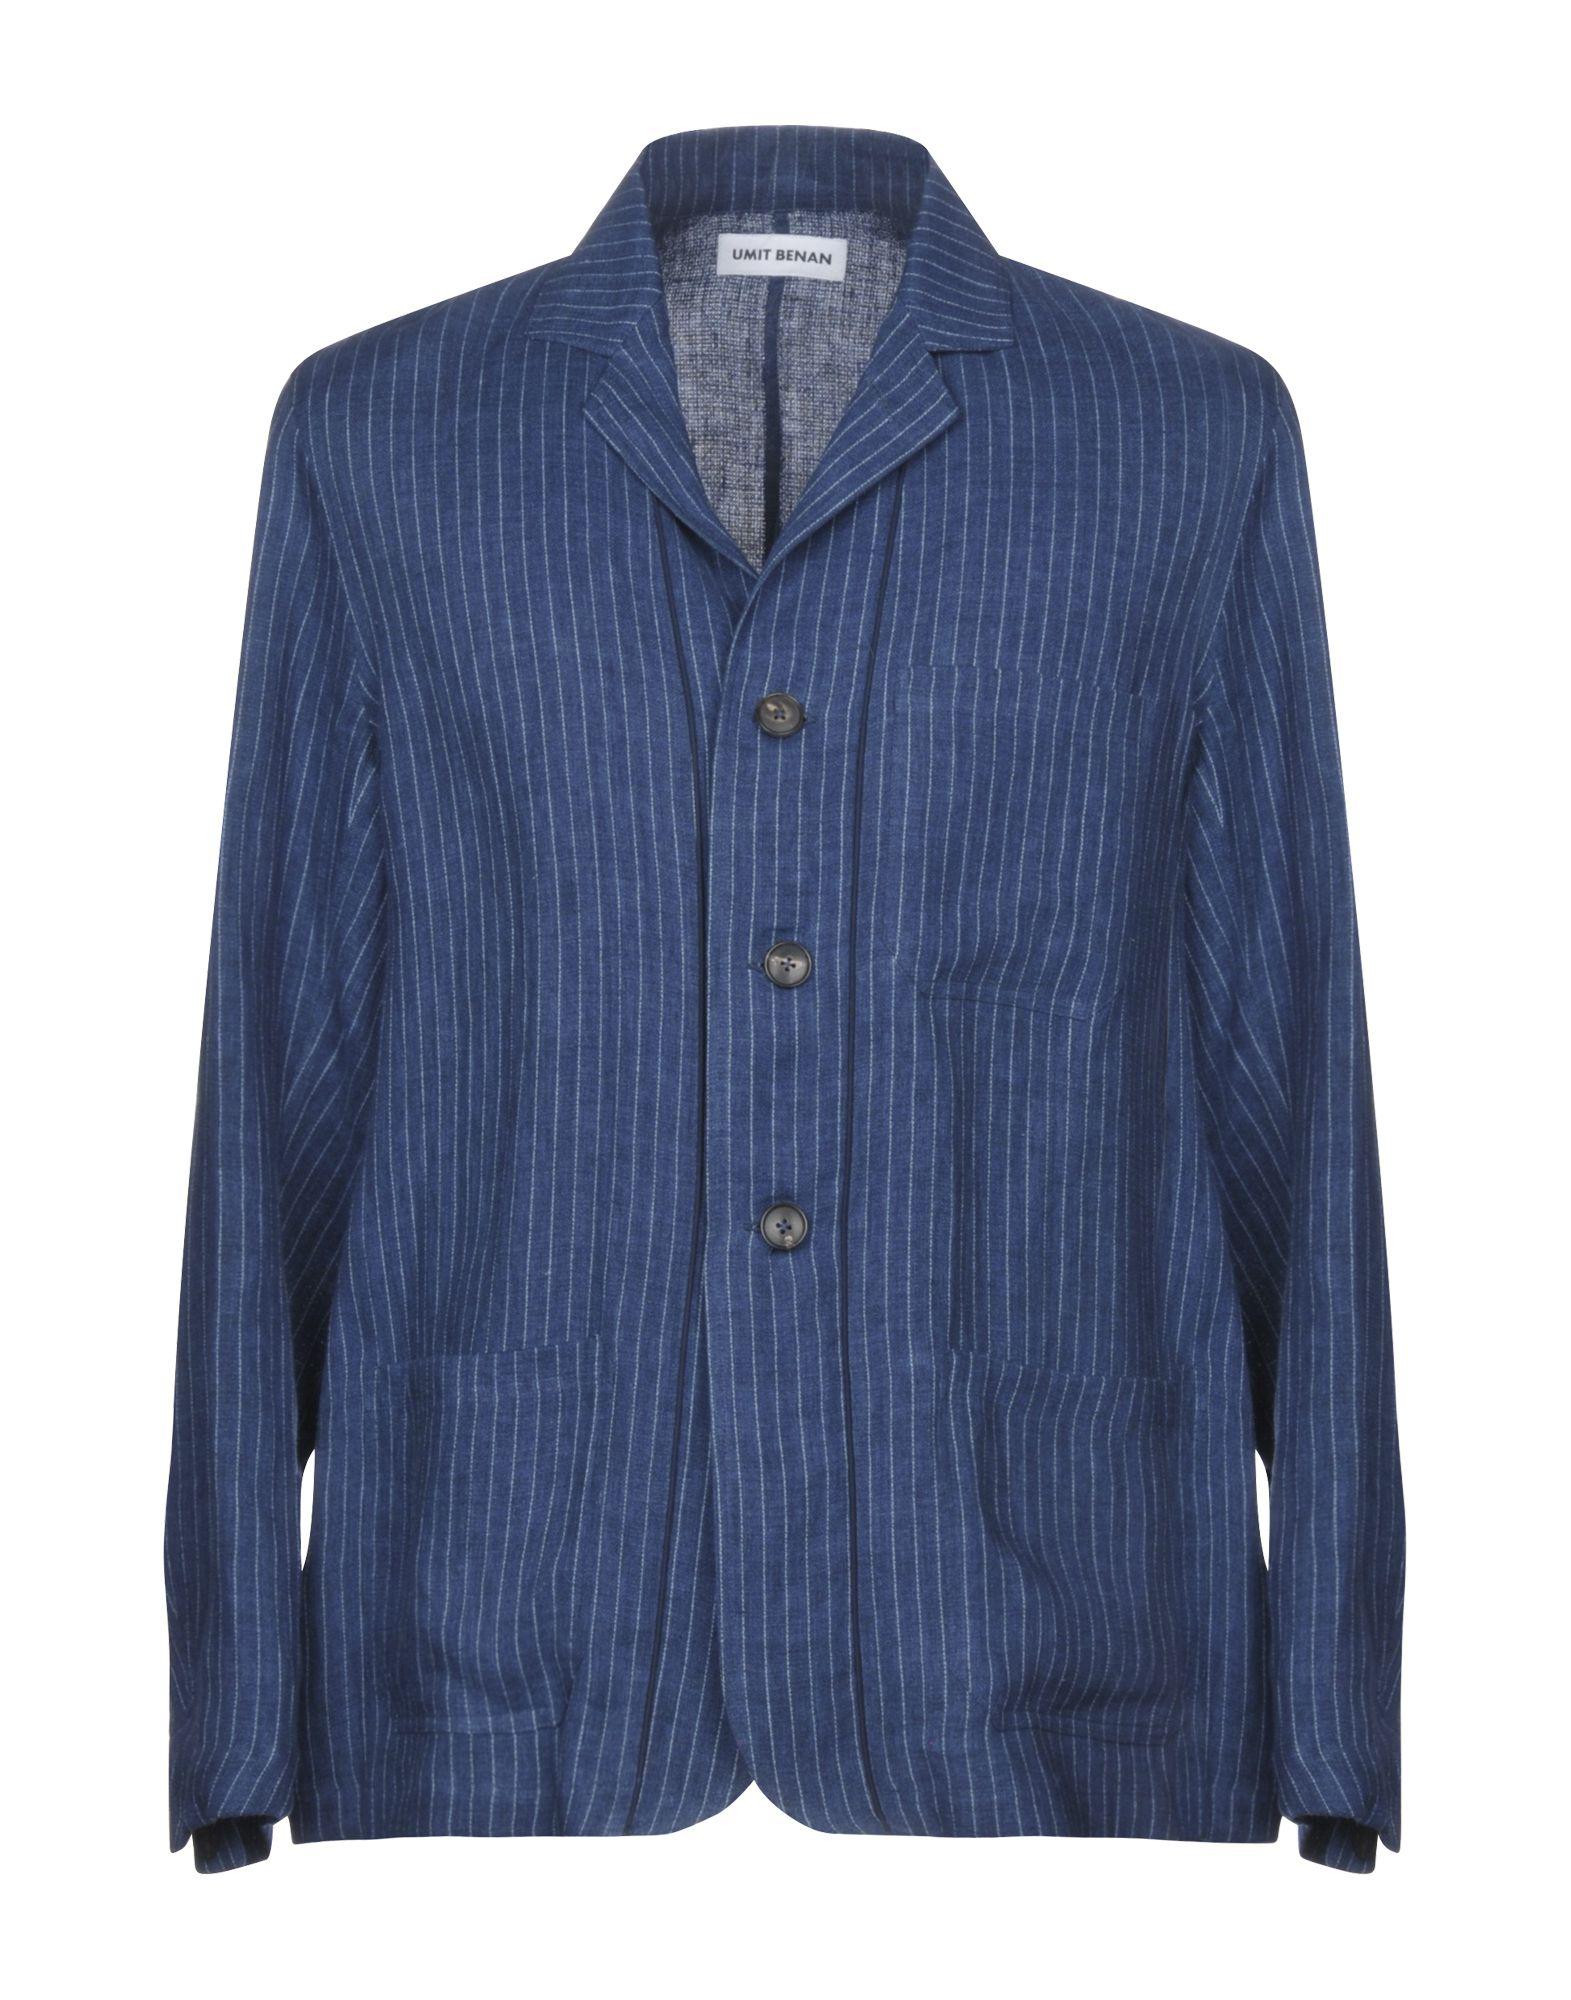 UMIT BENAN Blazer in Blue